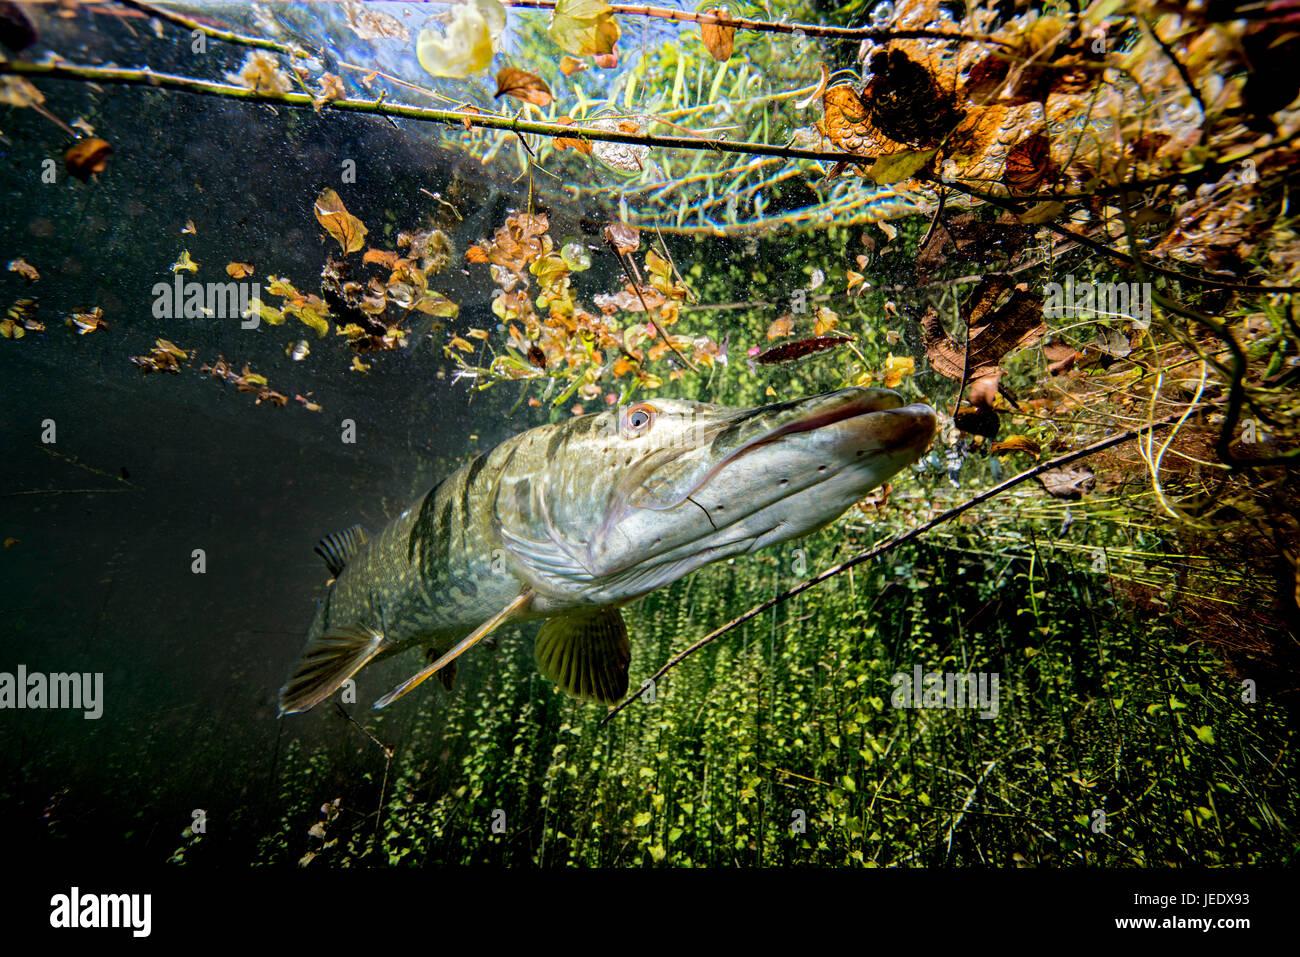 Europa; Deutschland, Bayern, Echinger Weiher, Hecht; Hecht im Flachwasser; hechtartiger; Raubfisch; Süsswasser; - Stock Image